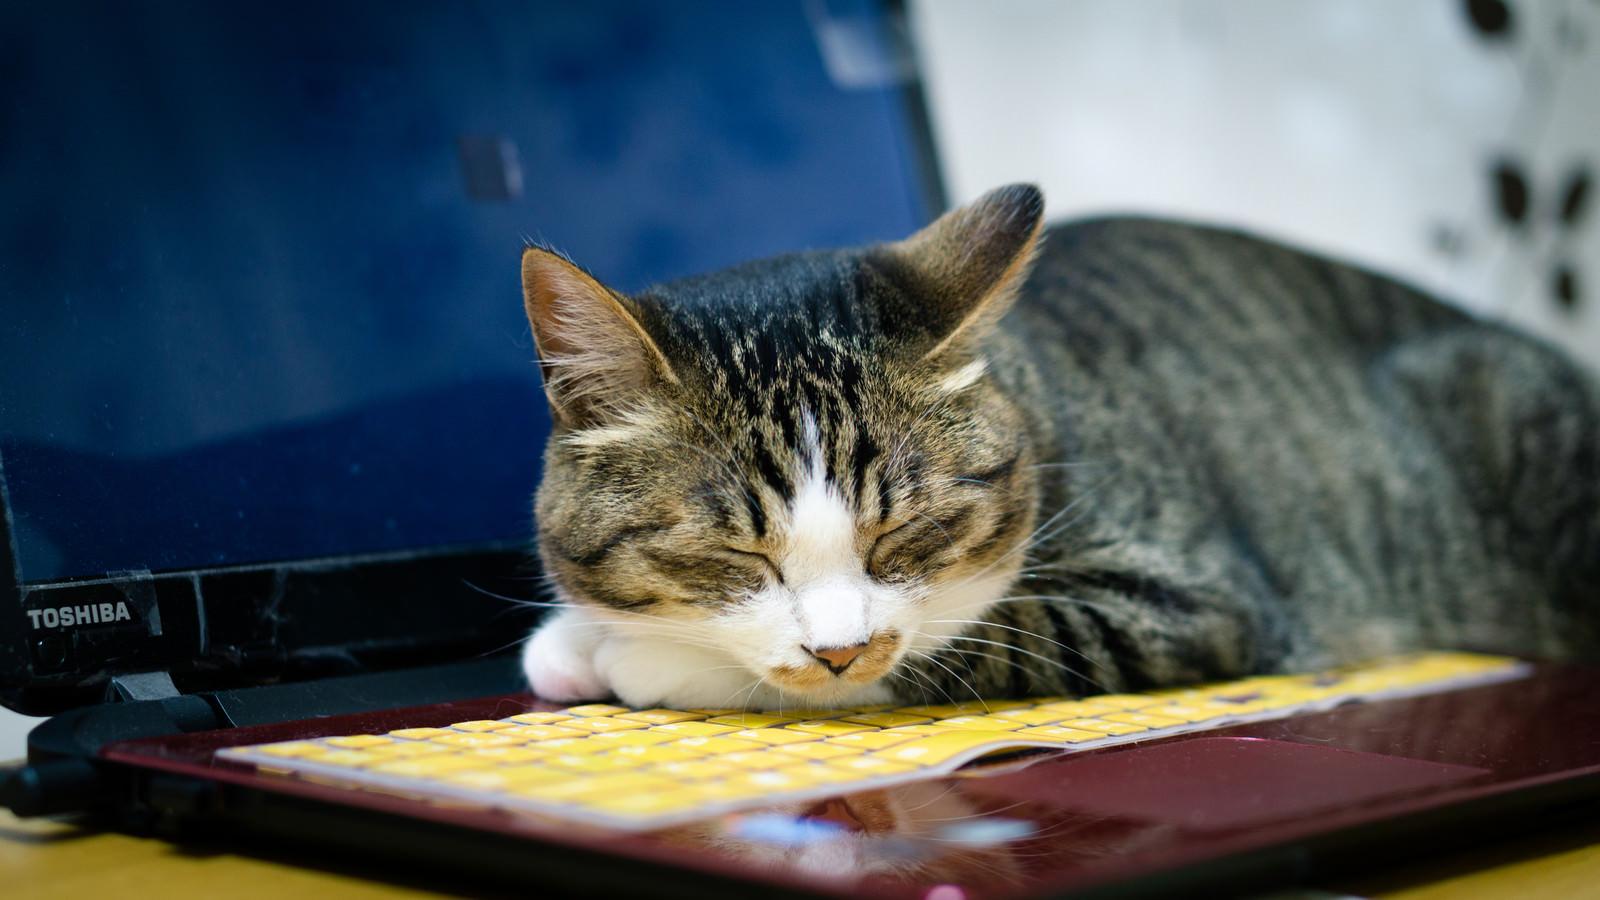 ノートpcの熱が暖かくて その上でうたた寝する猫 無料の写真素材は